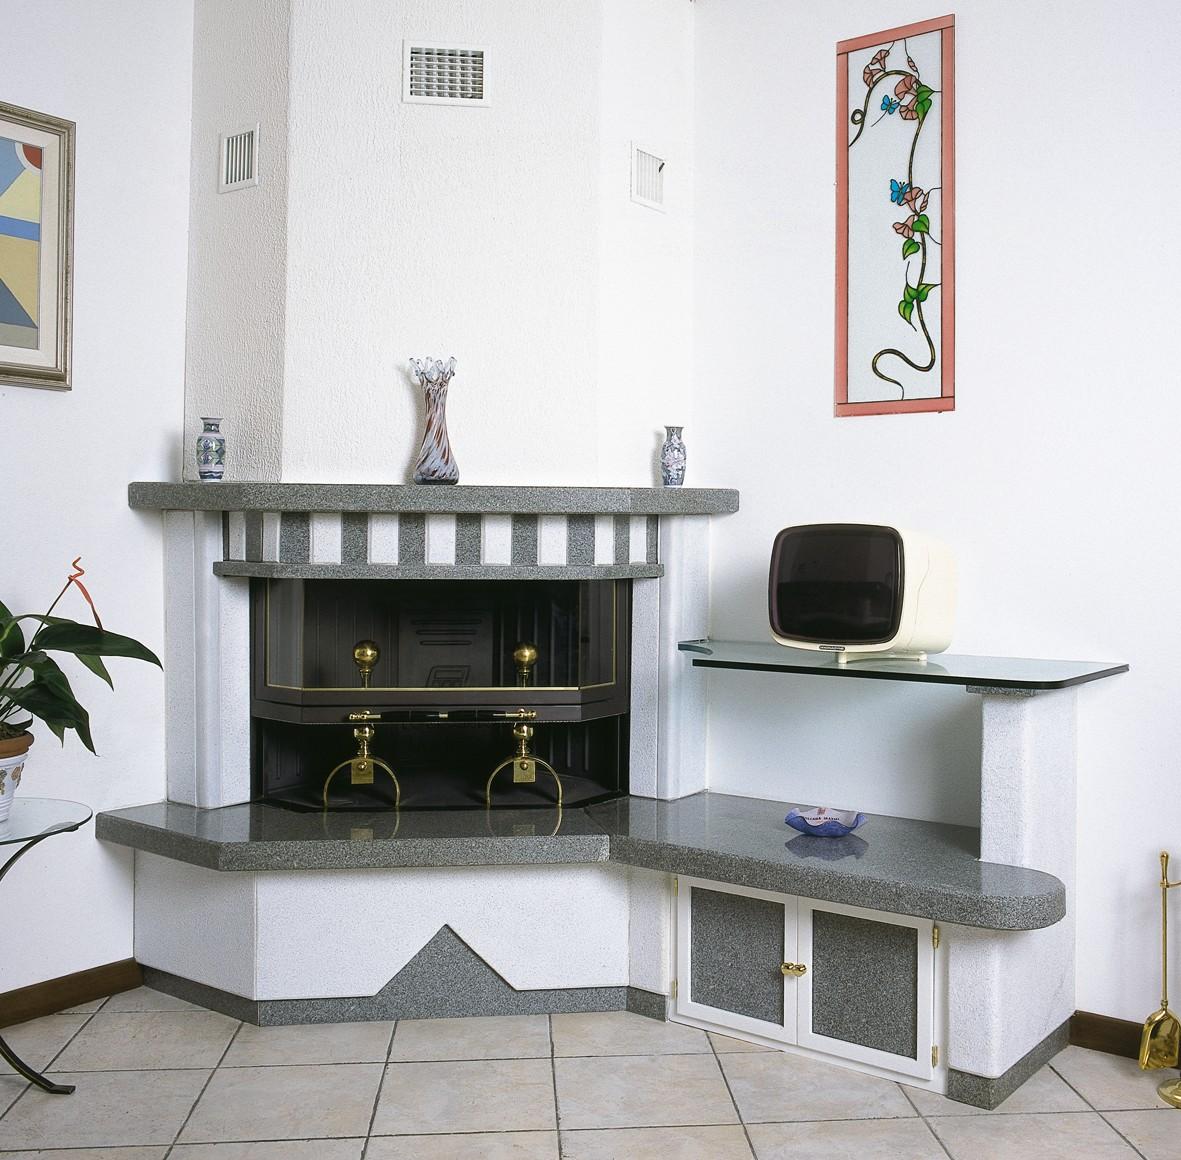 Caminetto centrale caminetto moderno 589 toscana marmi - Caminetti moderni a parete ...